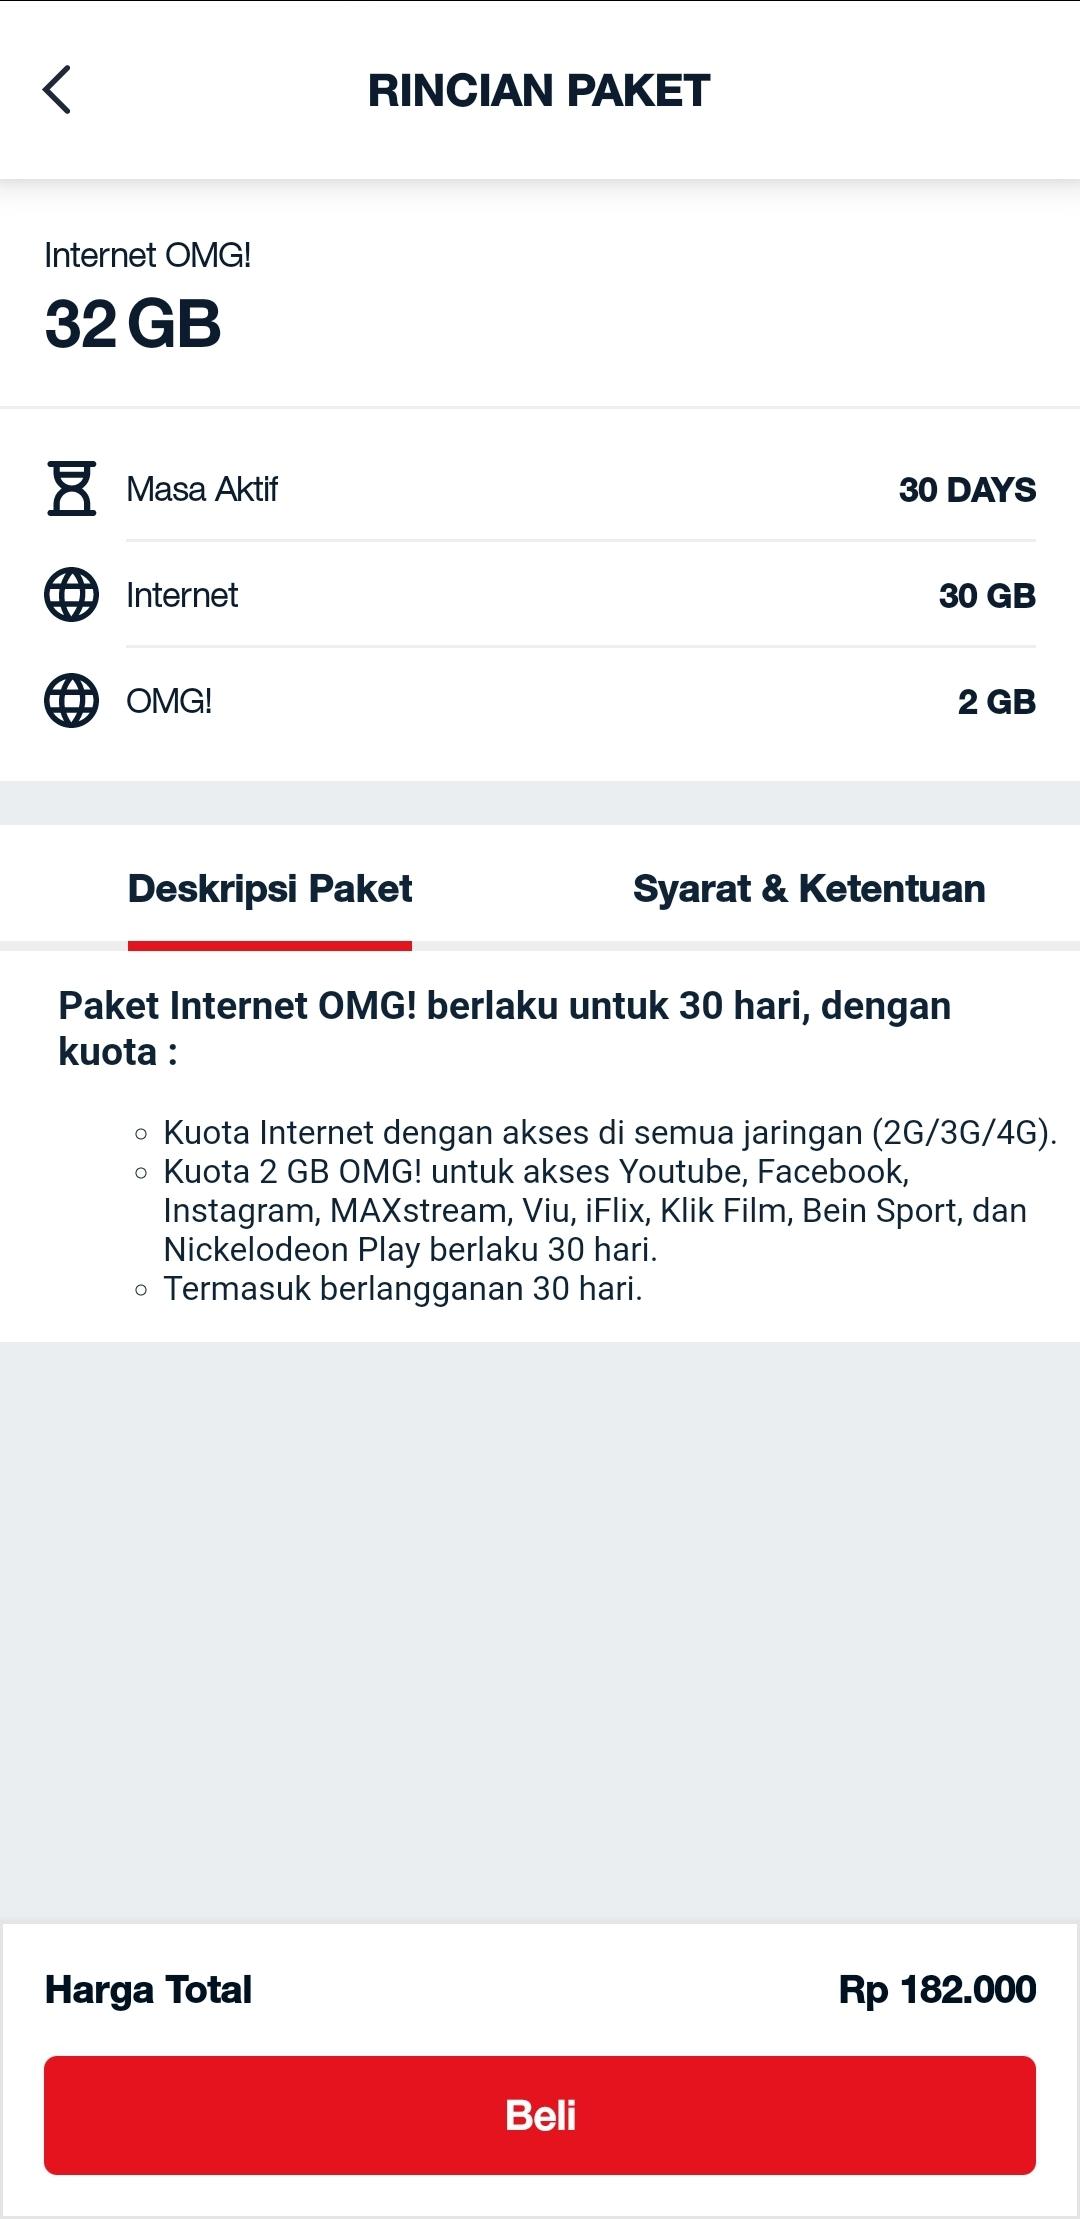 Internet OMG 32 GB